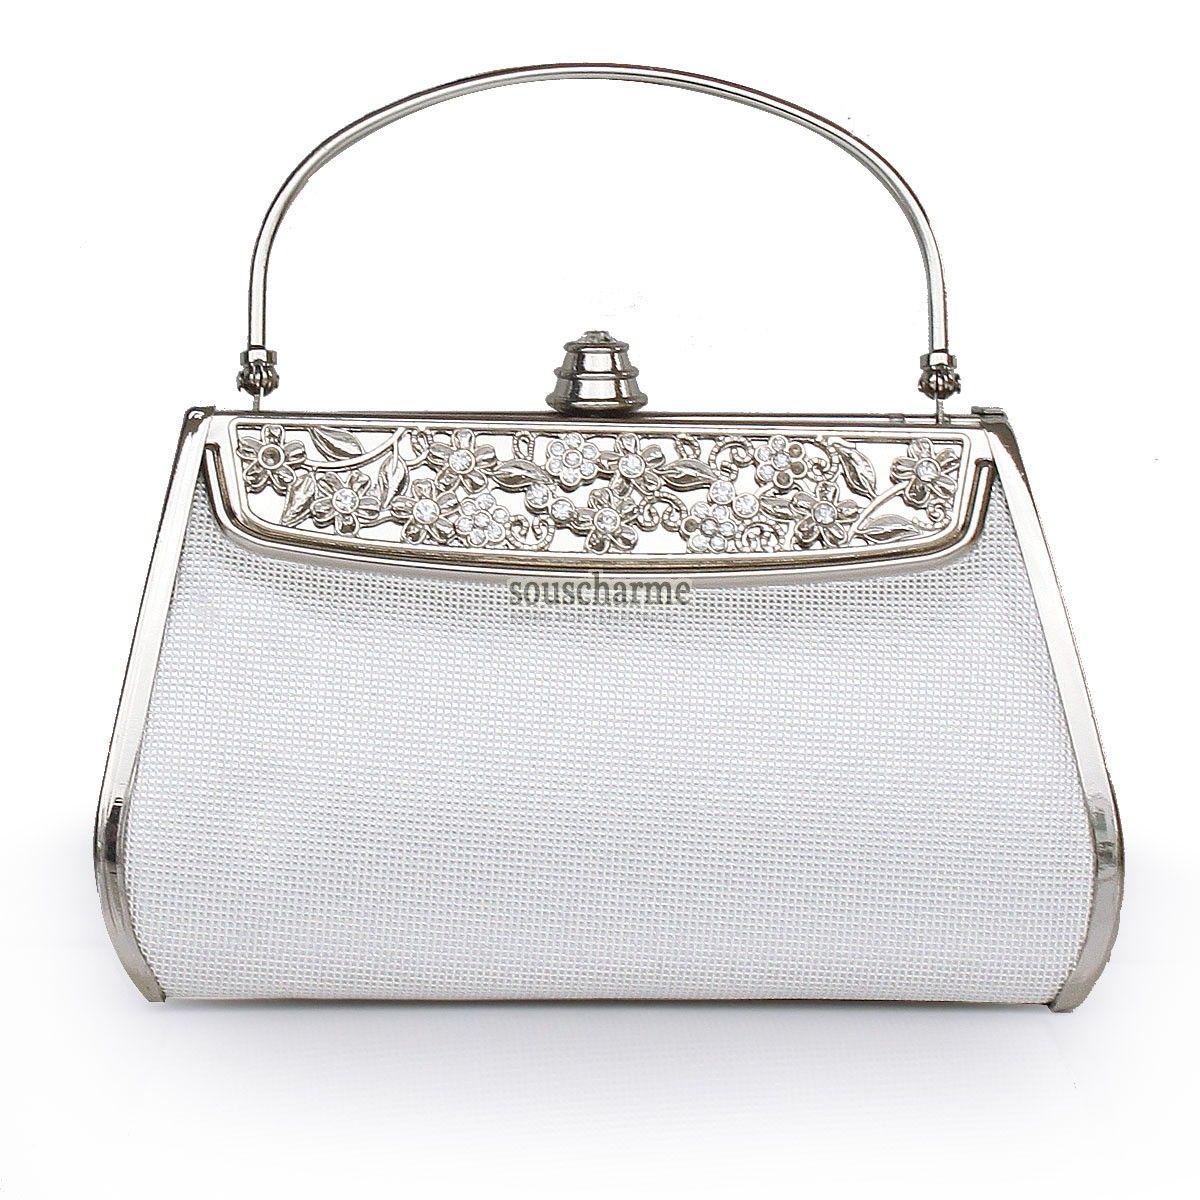 5b0842ac08 Pochette soirée classique métal couleur argent avec poignet sac à main  femme pas cher